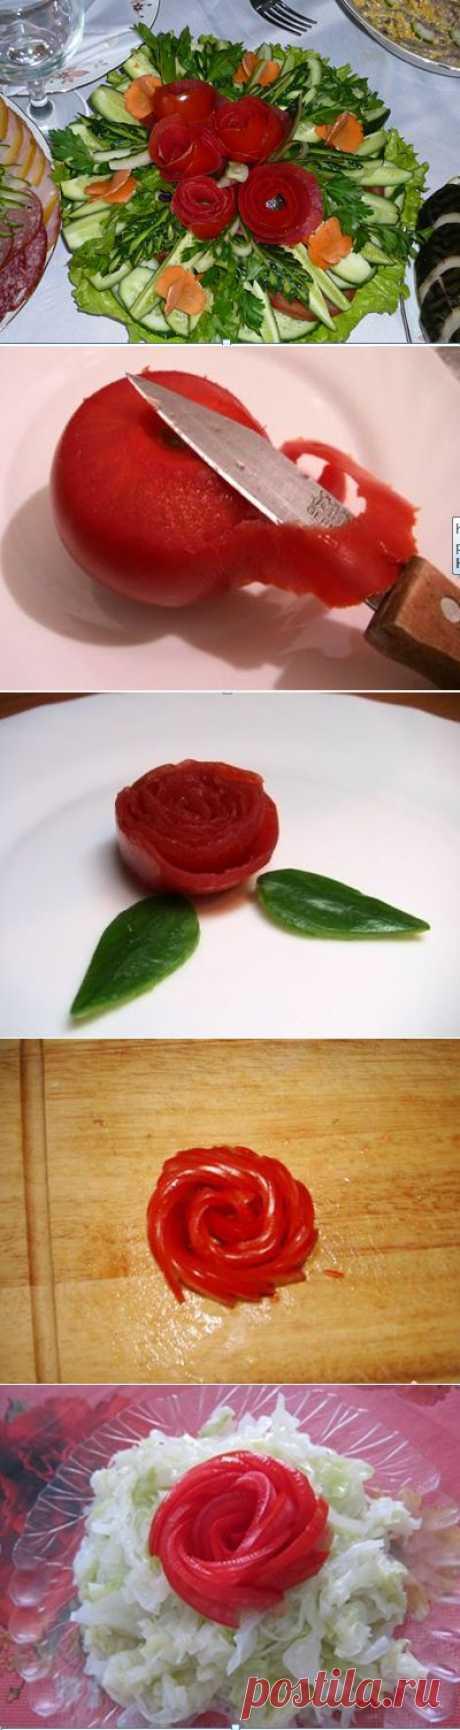 Розочки из помидоров | Рецепты моей мамы